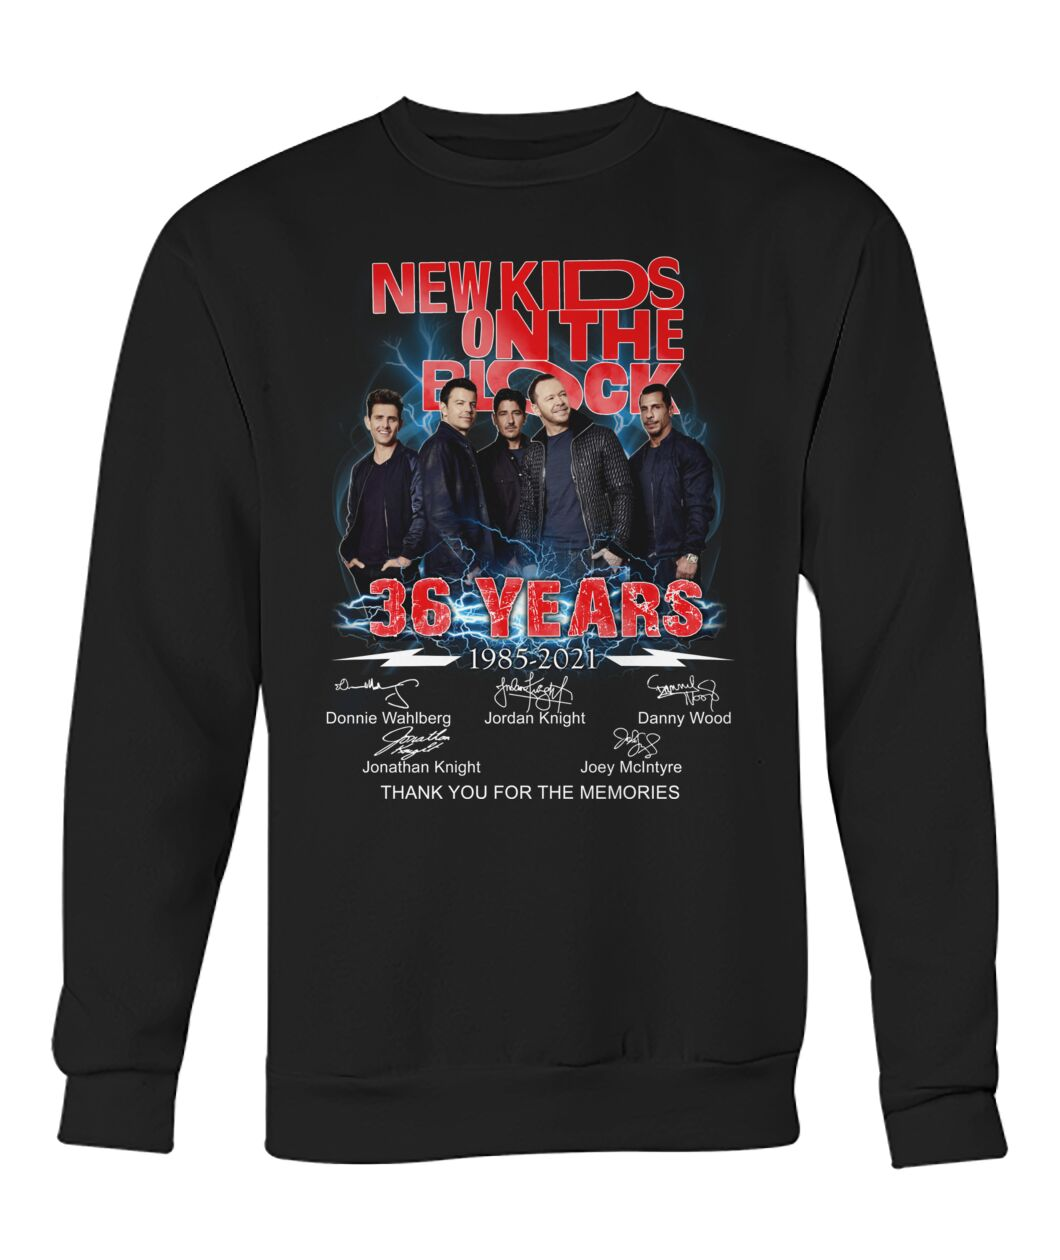 New Kids On The Block 36 Years 1985 - 2021 Shirt 10